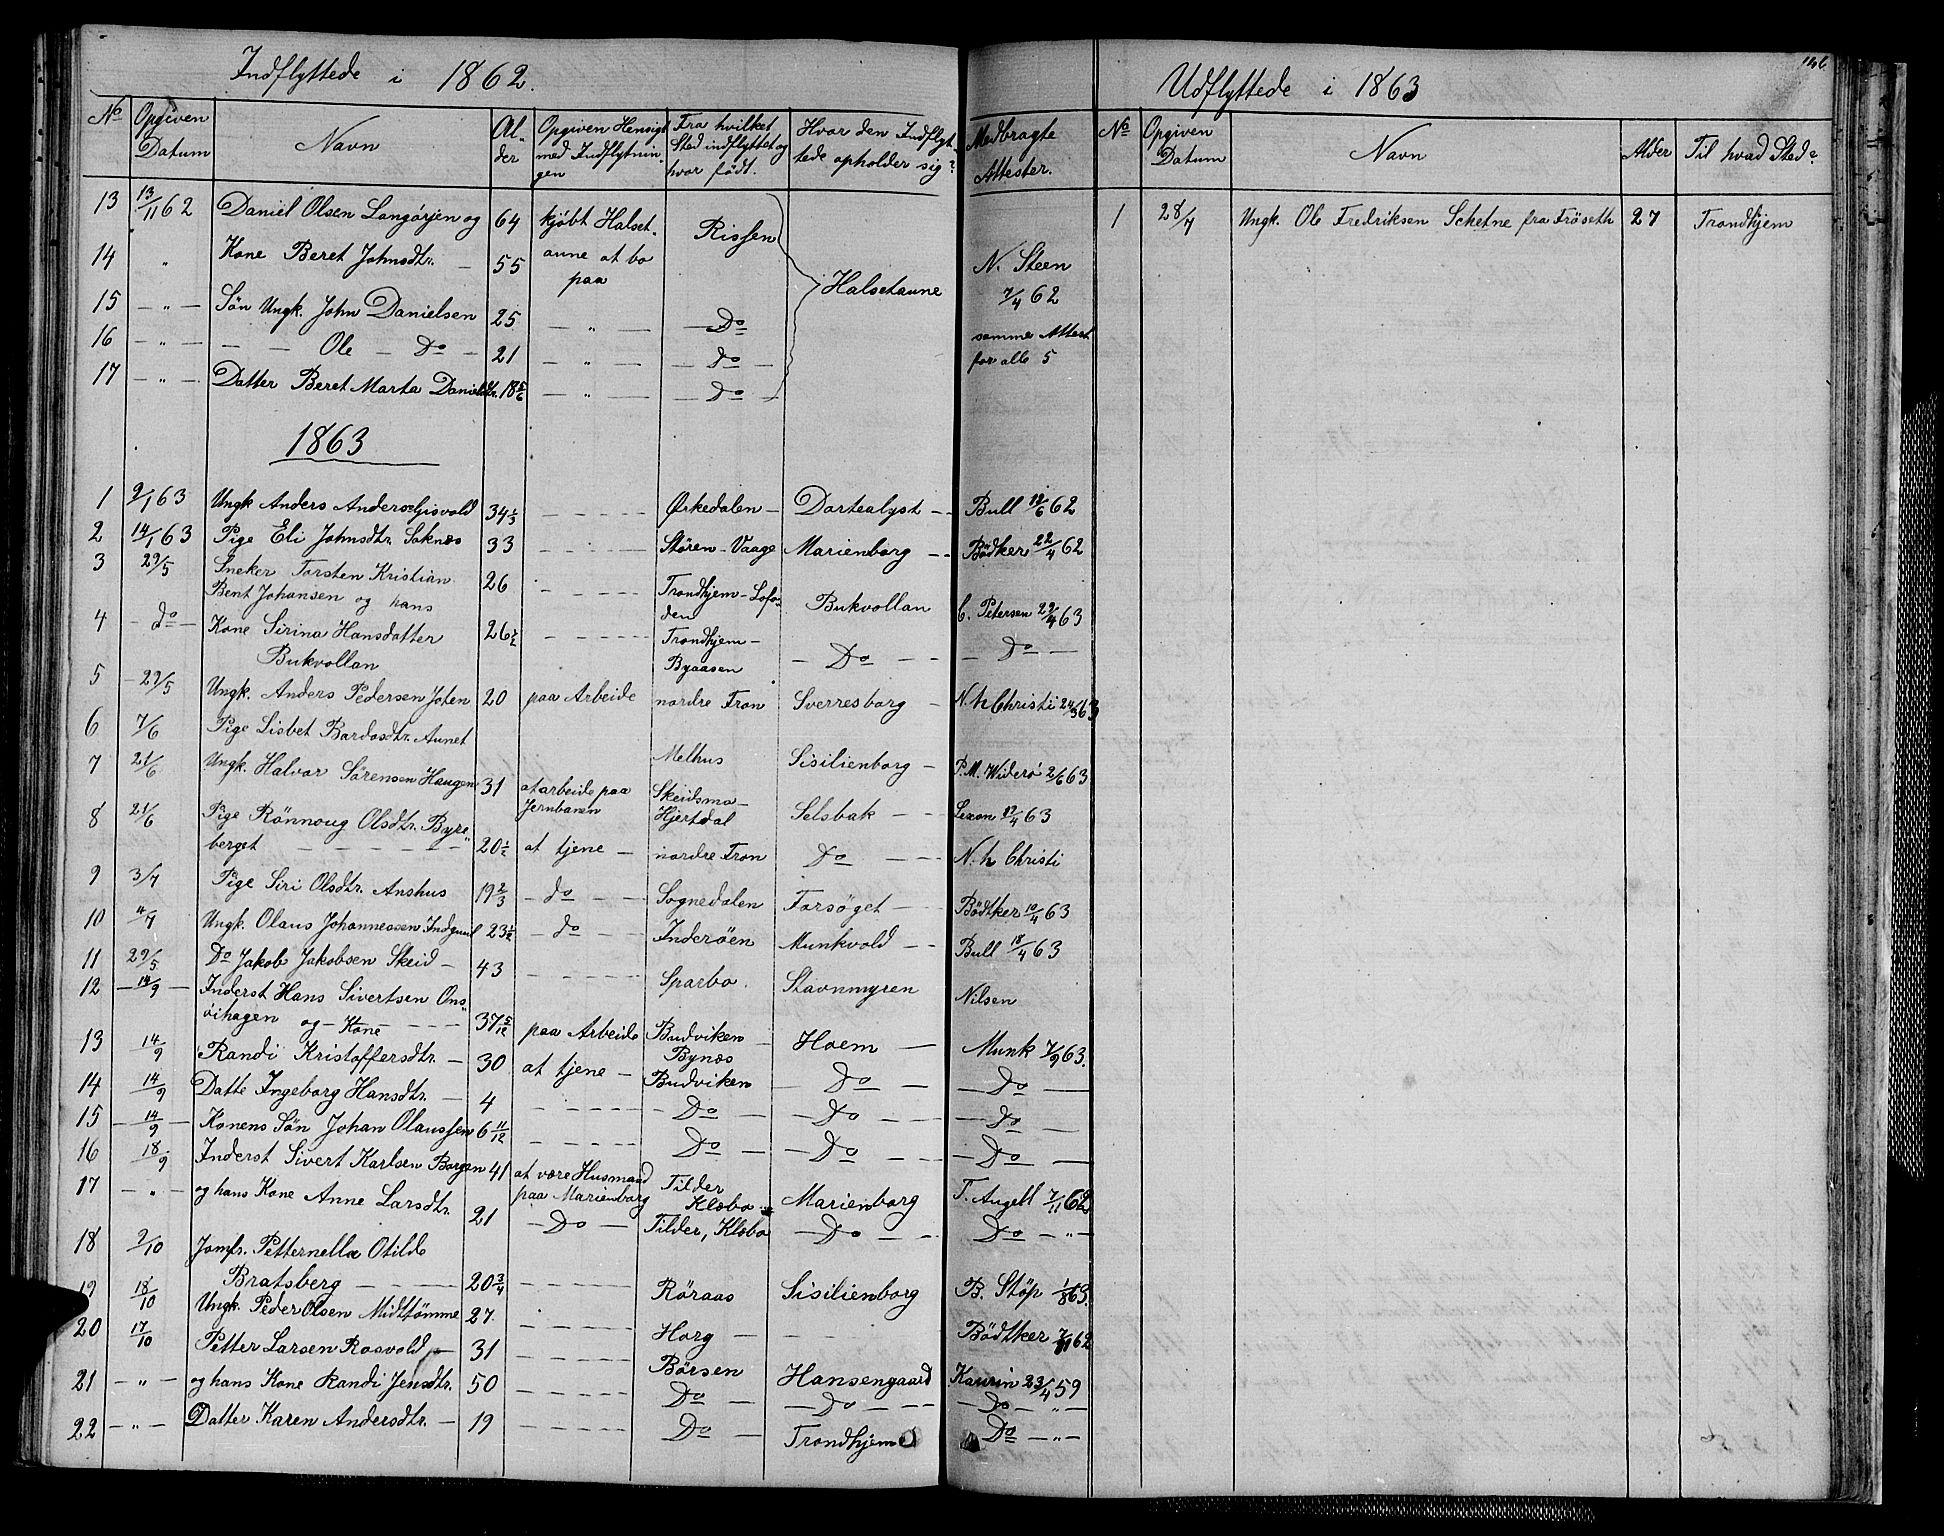 SAT, Ministerialprotokoller, klokkerbøker og fødselsregistre - Sør-Trøndelag, 611/L0353: Klokkerbok nr. 611C01, 1854-1881, s. 146